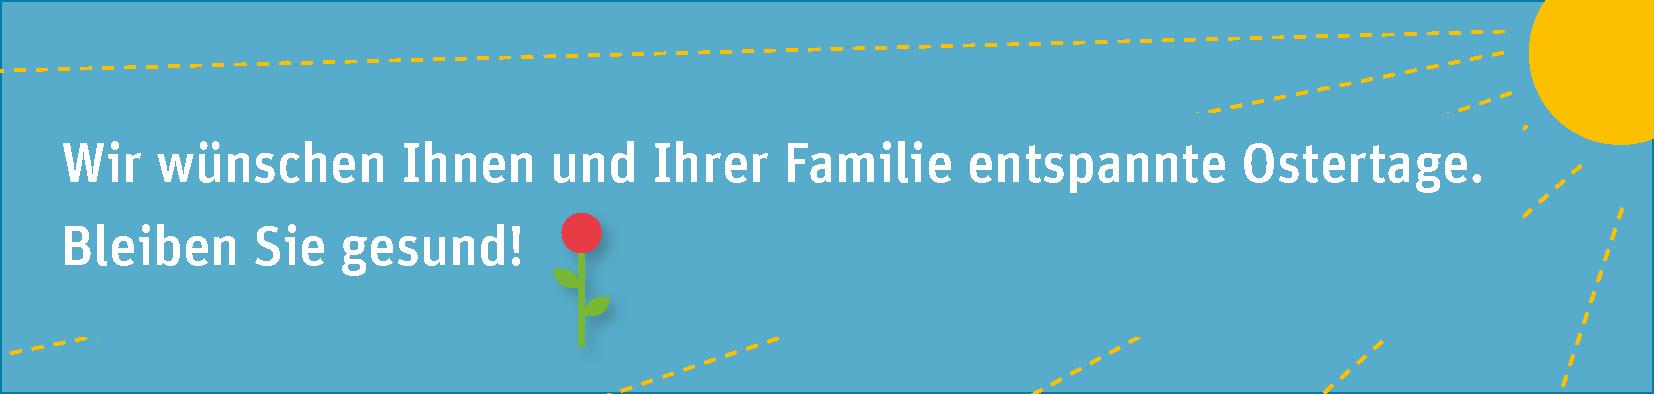 Bild mit Text: Wir wünschen Ihnen und Ihrer Familie entspannt Ostertage. Bleiben Sie gesund.